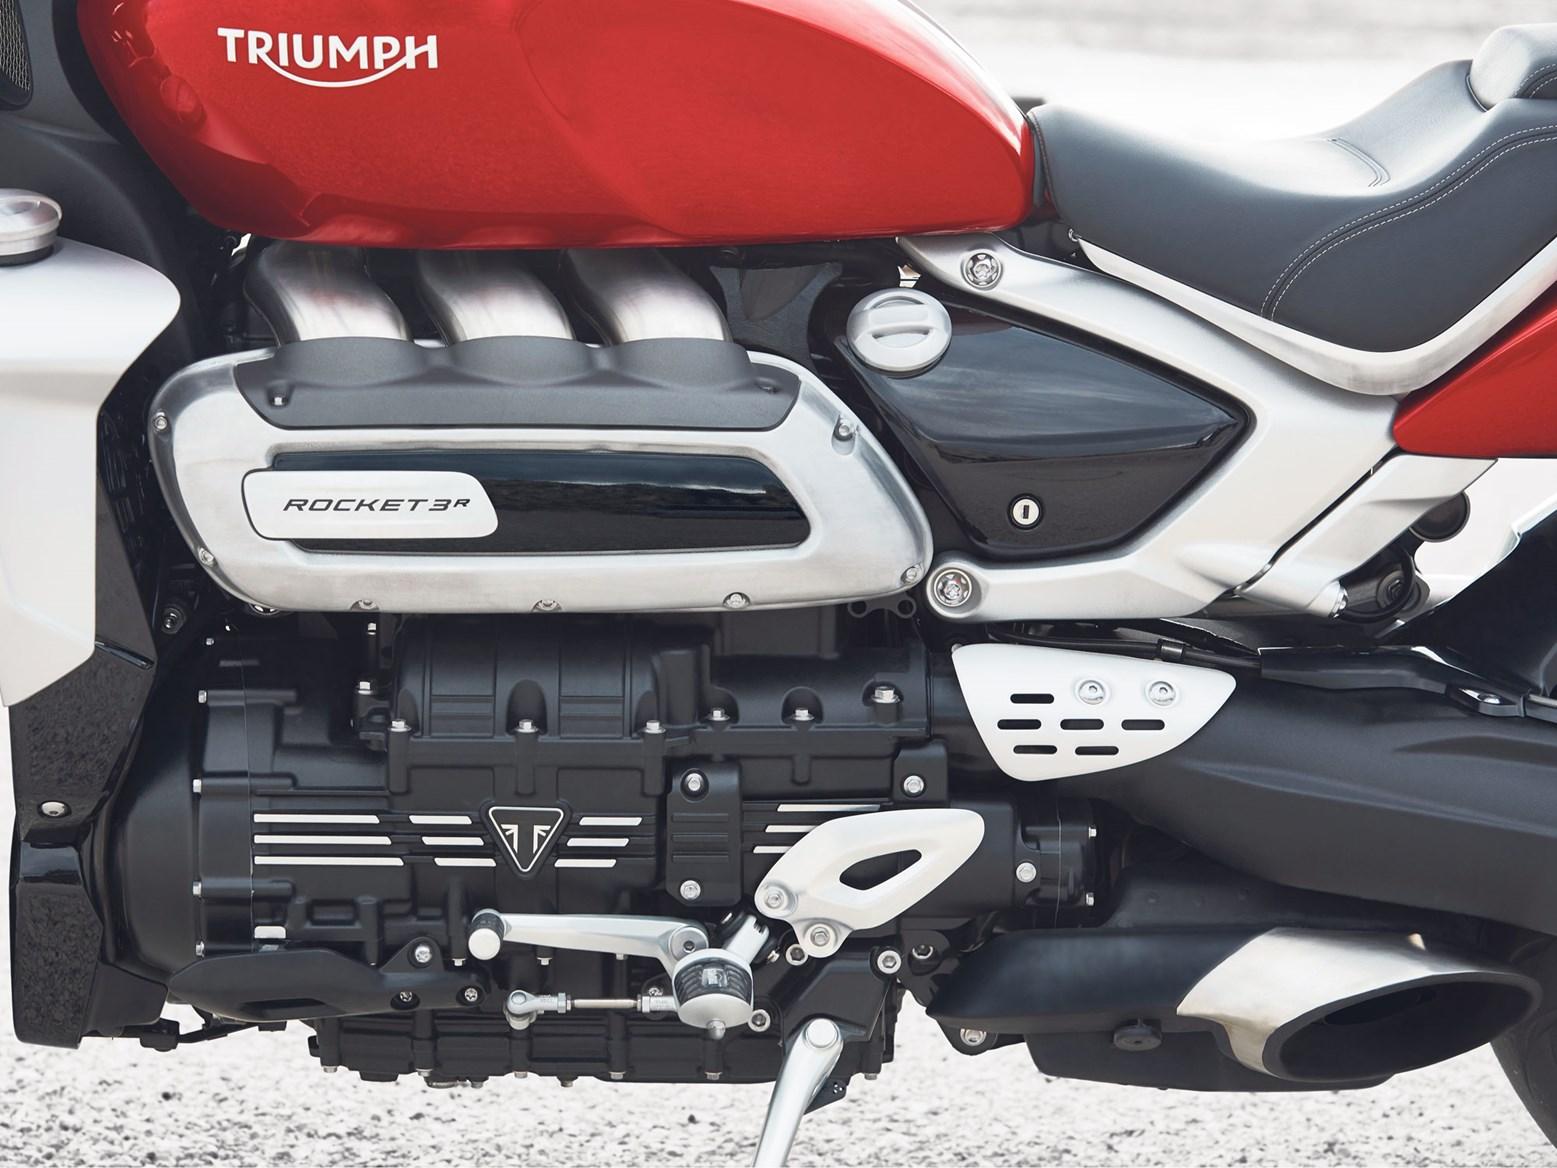 Tech explained: the Triumph Rocket 3's enormous engine